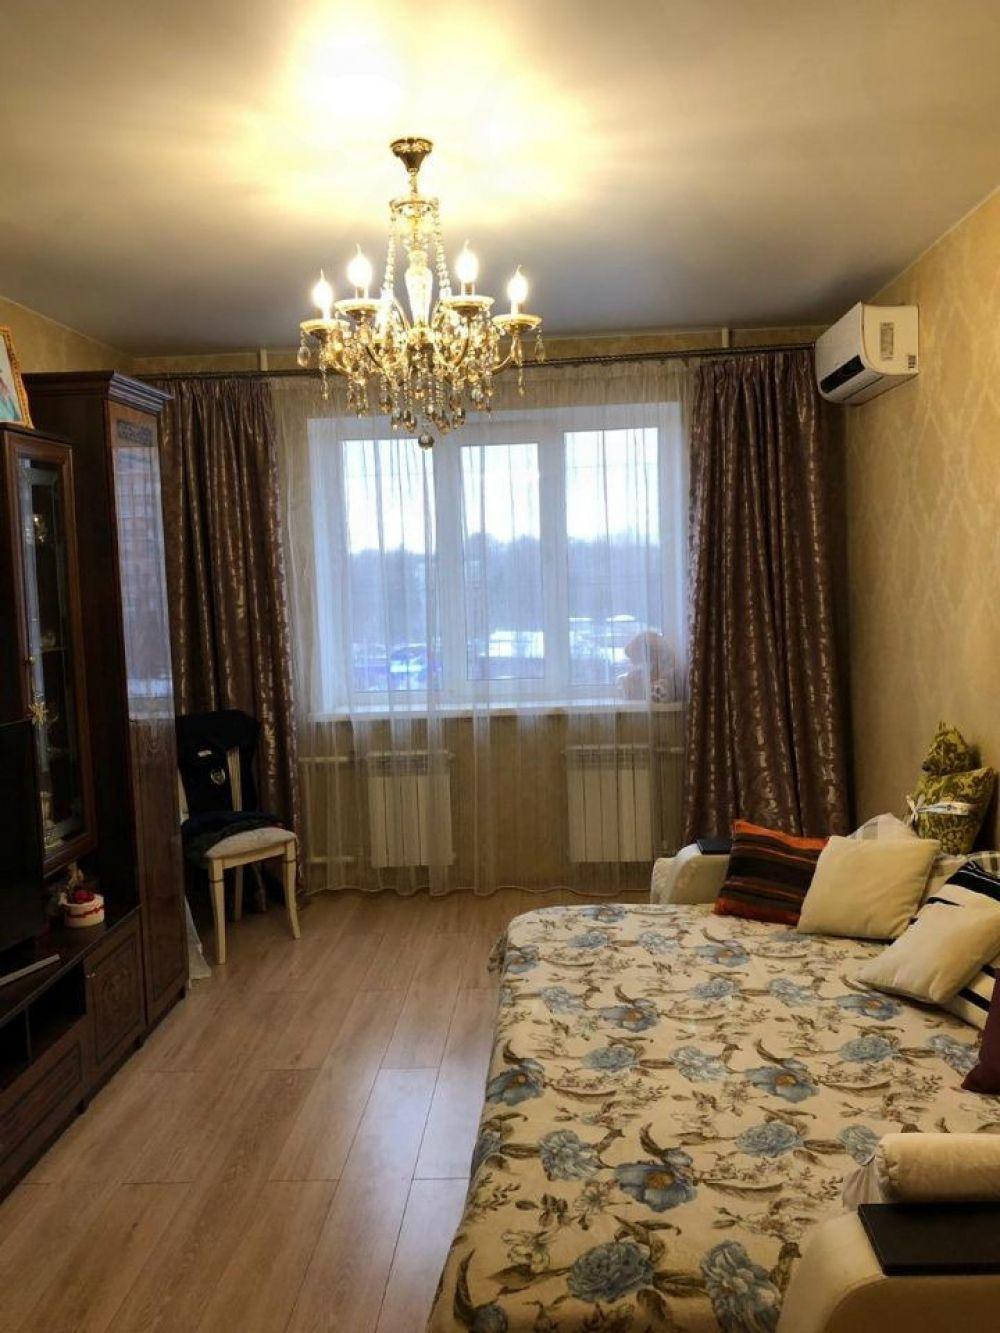 2-к квартира, Щёлково, Богородский 15, фото 4